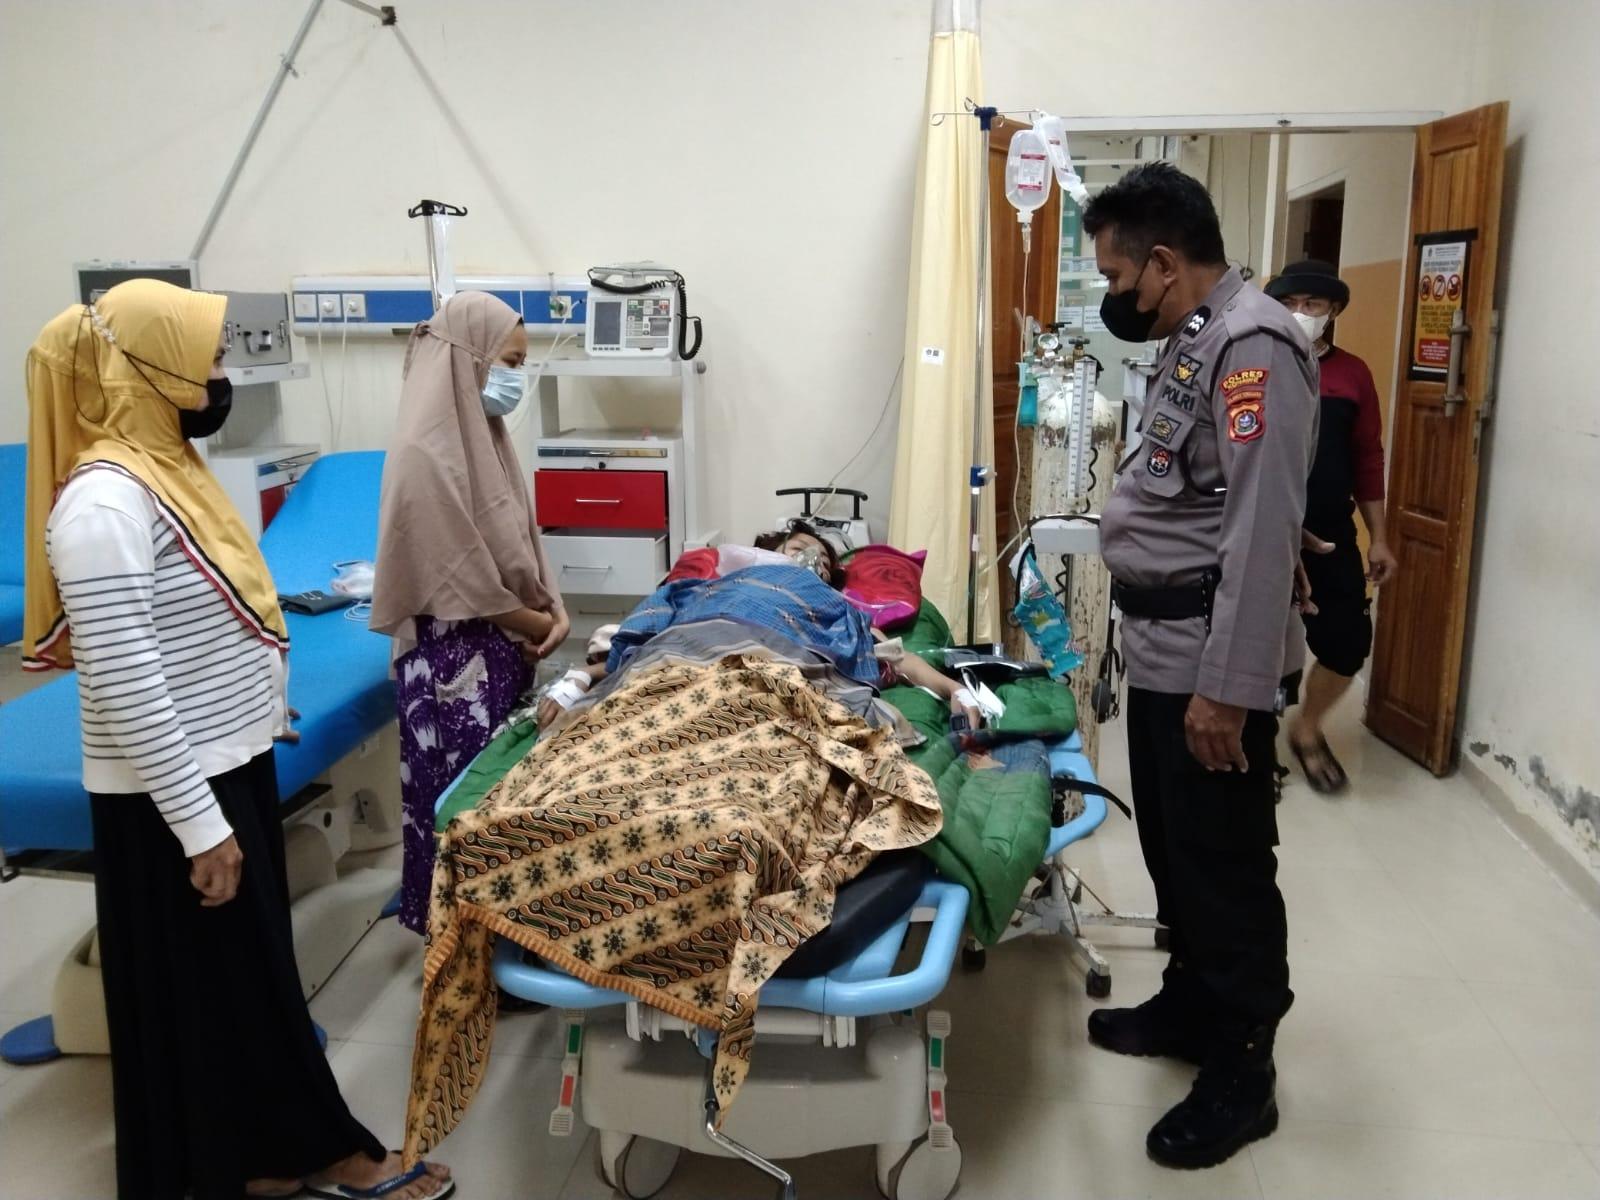 Korban Ningsi (26 tahun) saat dirawat di RSU Kota Kendari usai mengalami luka akibat ditikam suaminya sendiri. (Foto/Polsek Bondoala)